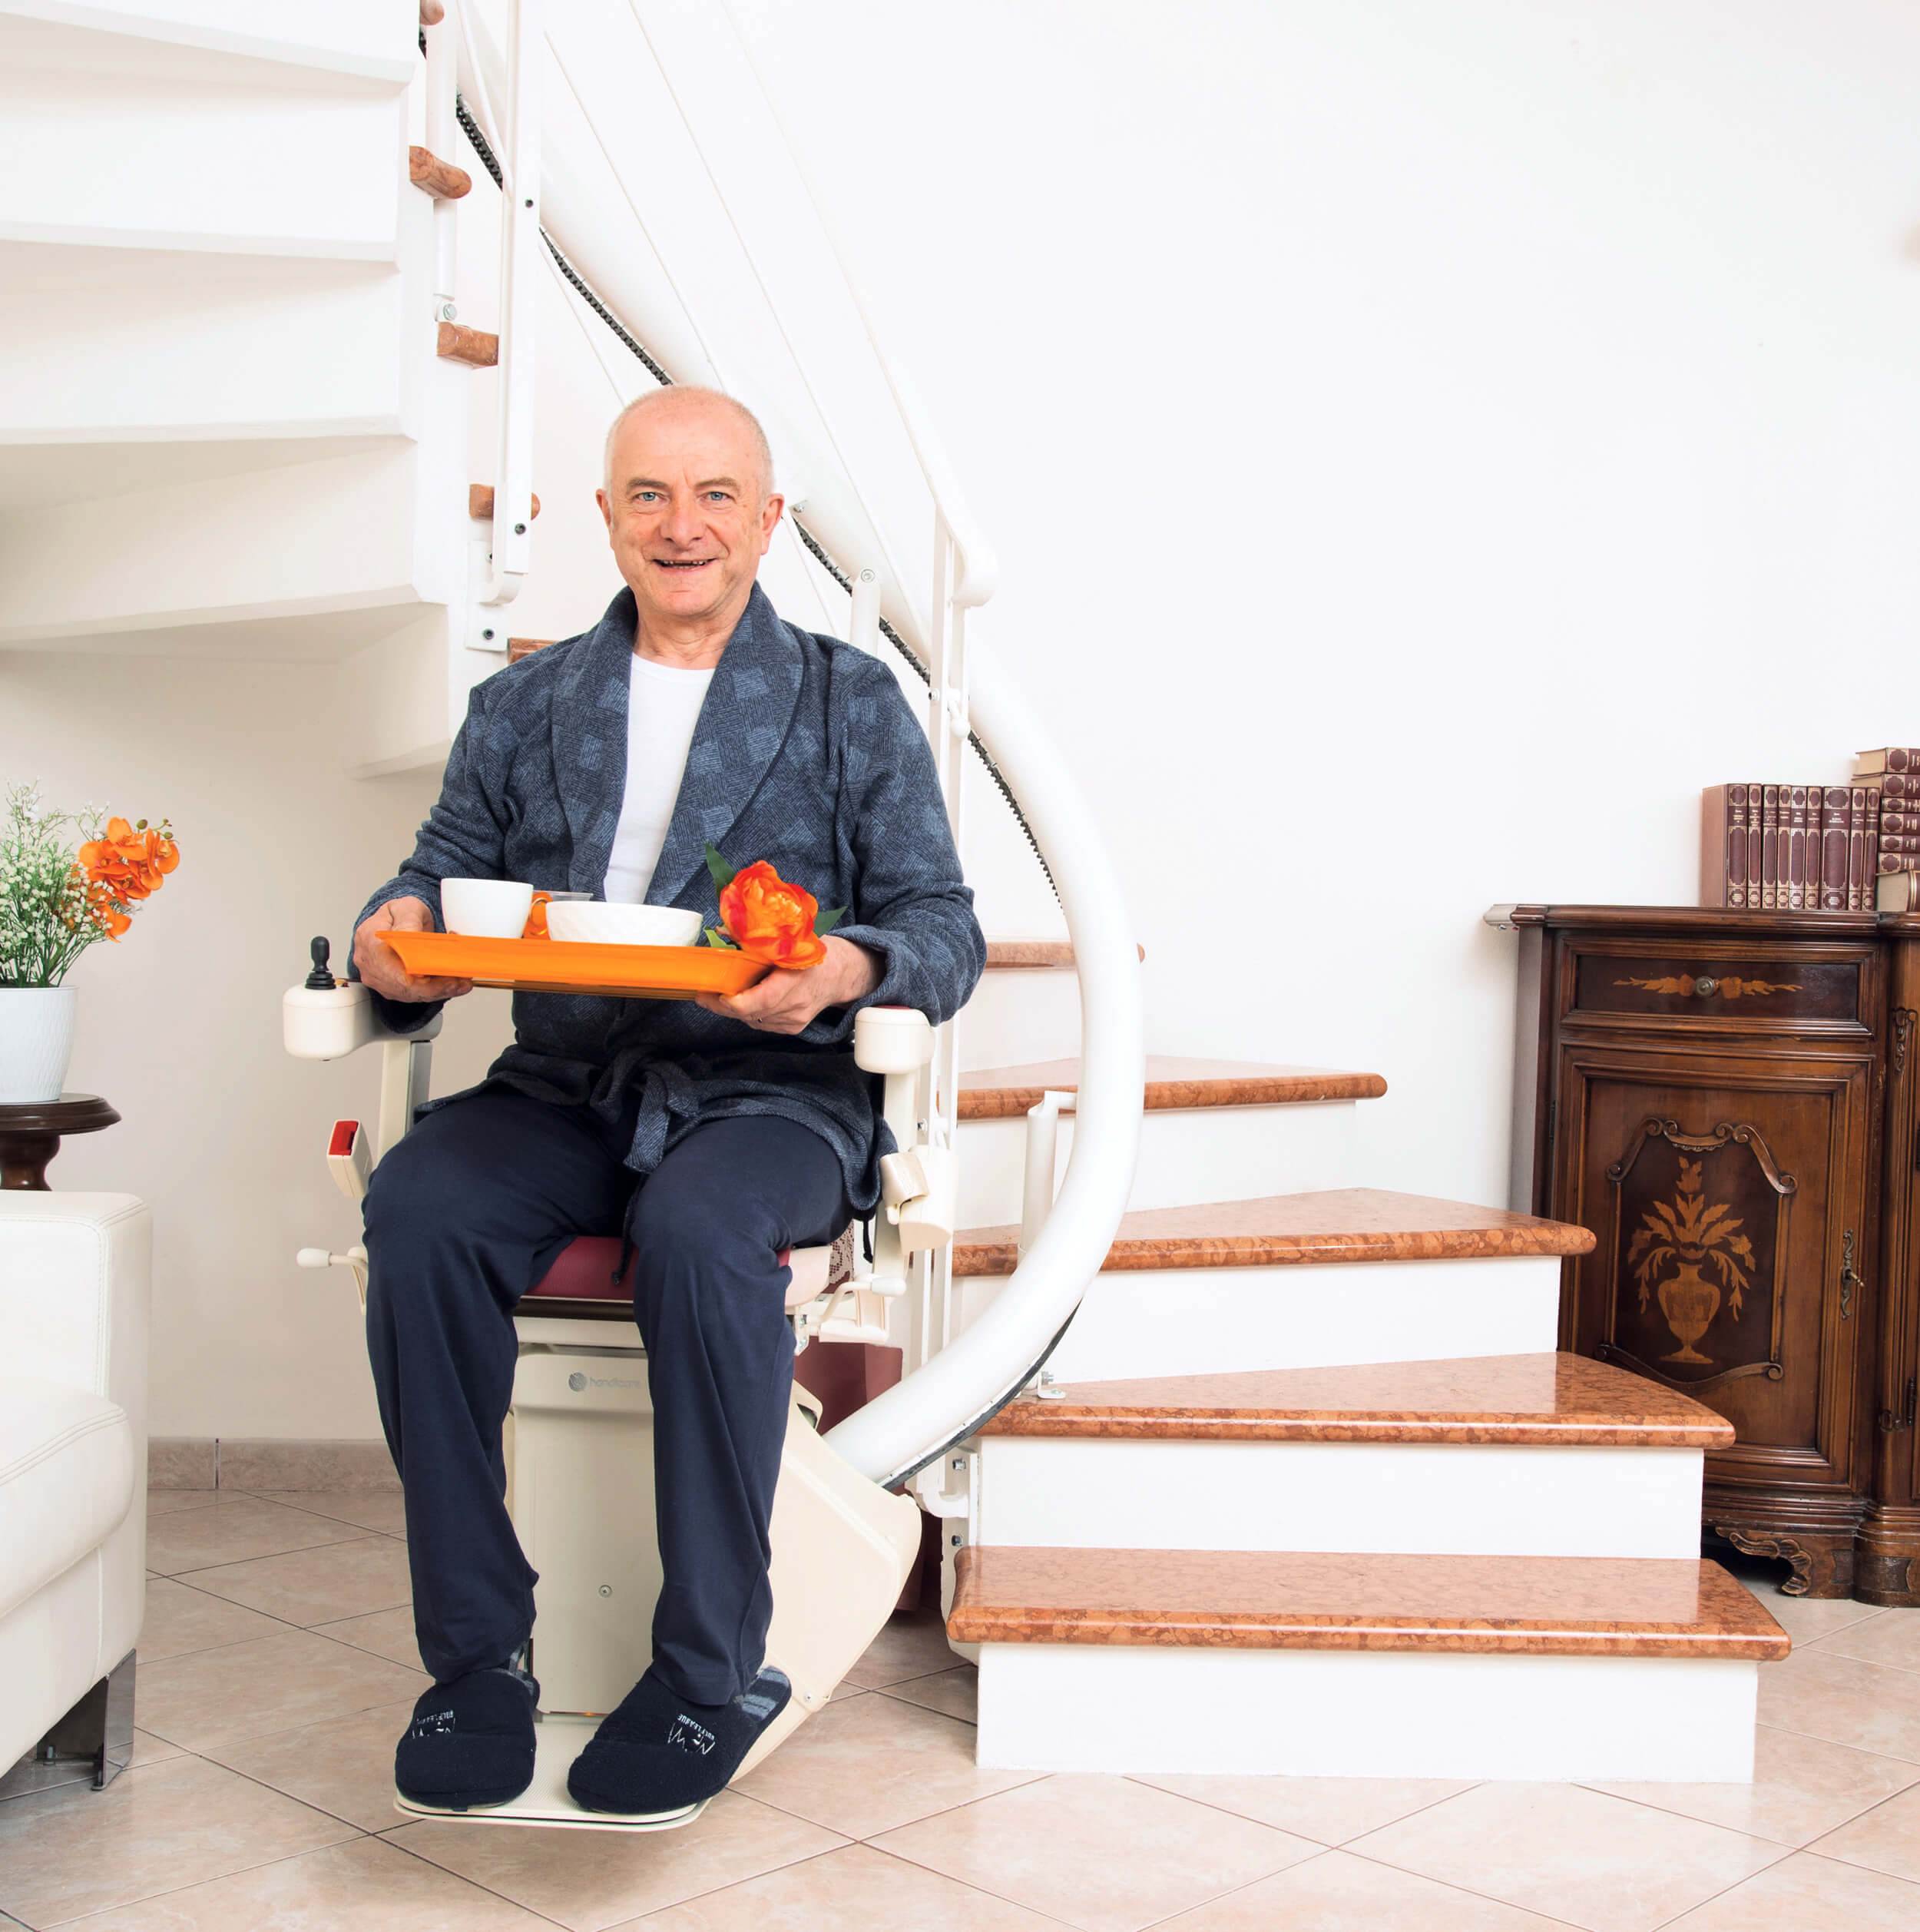 Homme assis sur un fauteuil monte-escalier avec un plateau repas à la main